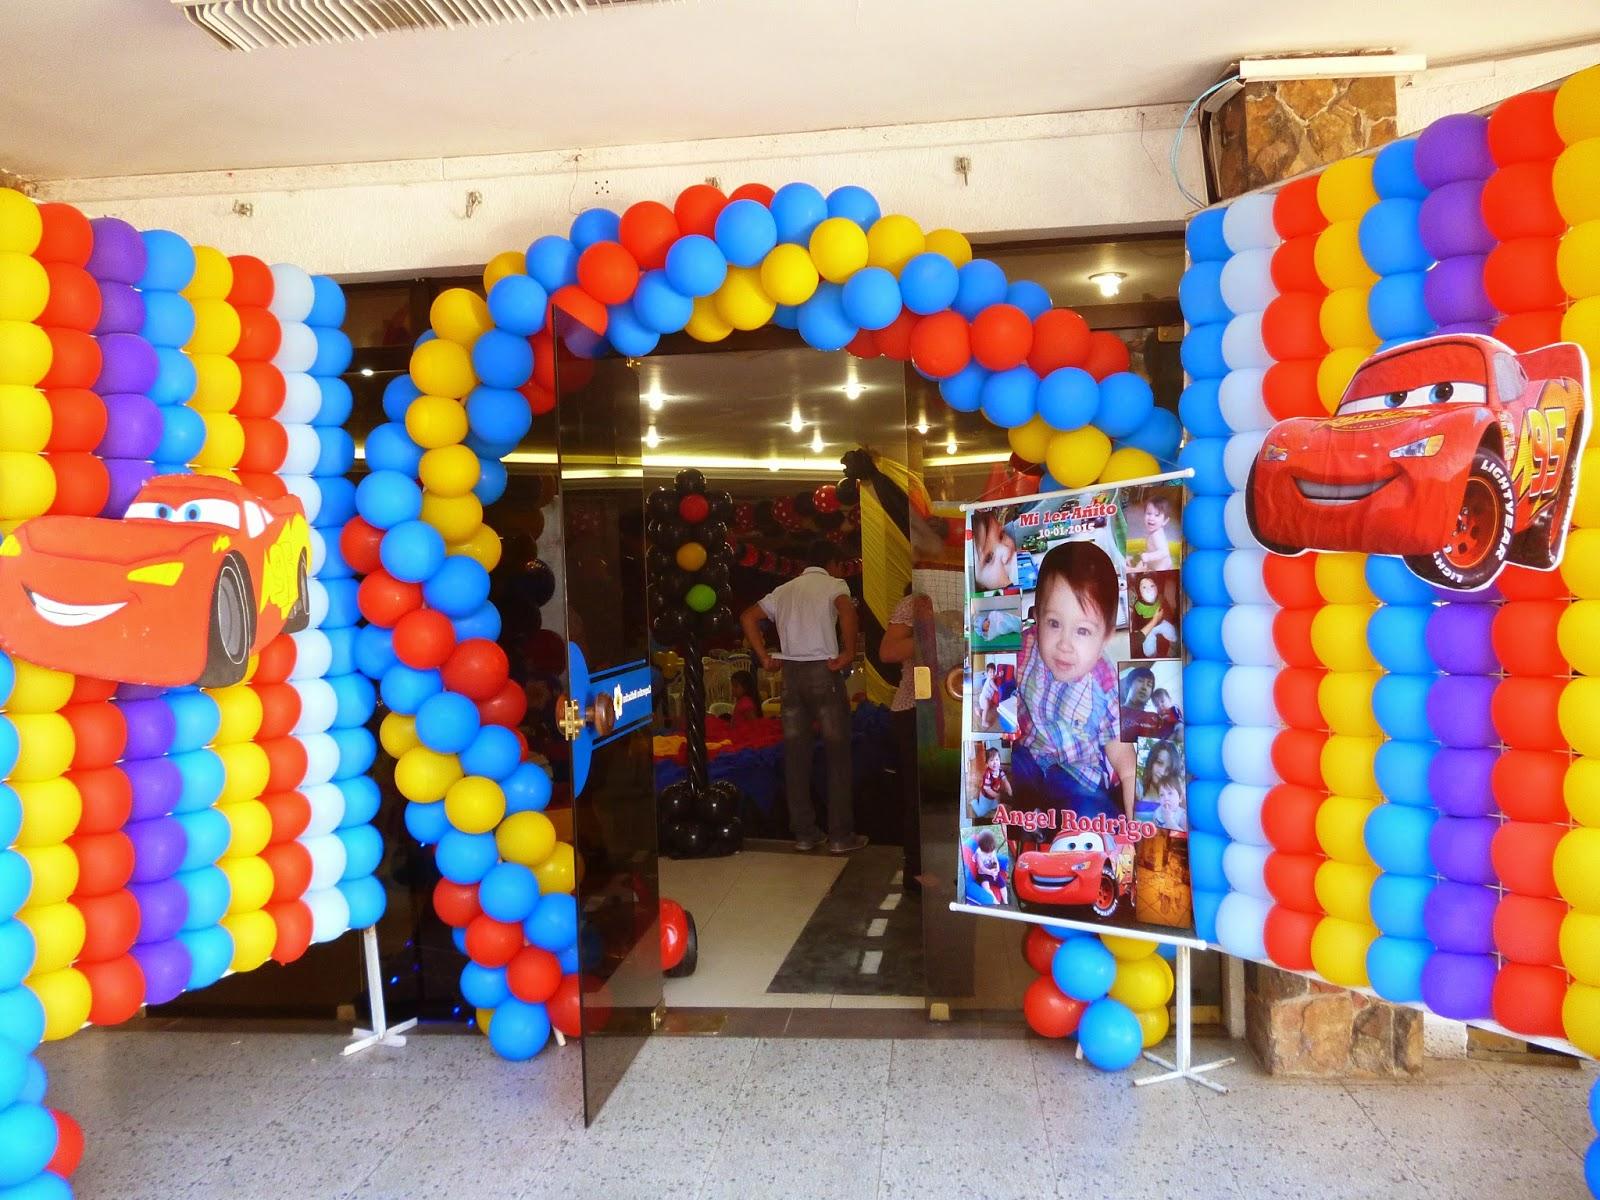 Fiestas personalizadas ideas de decoraci n de fiesta for Decoracion para pared fiesta